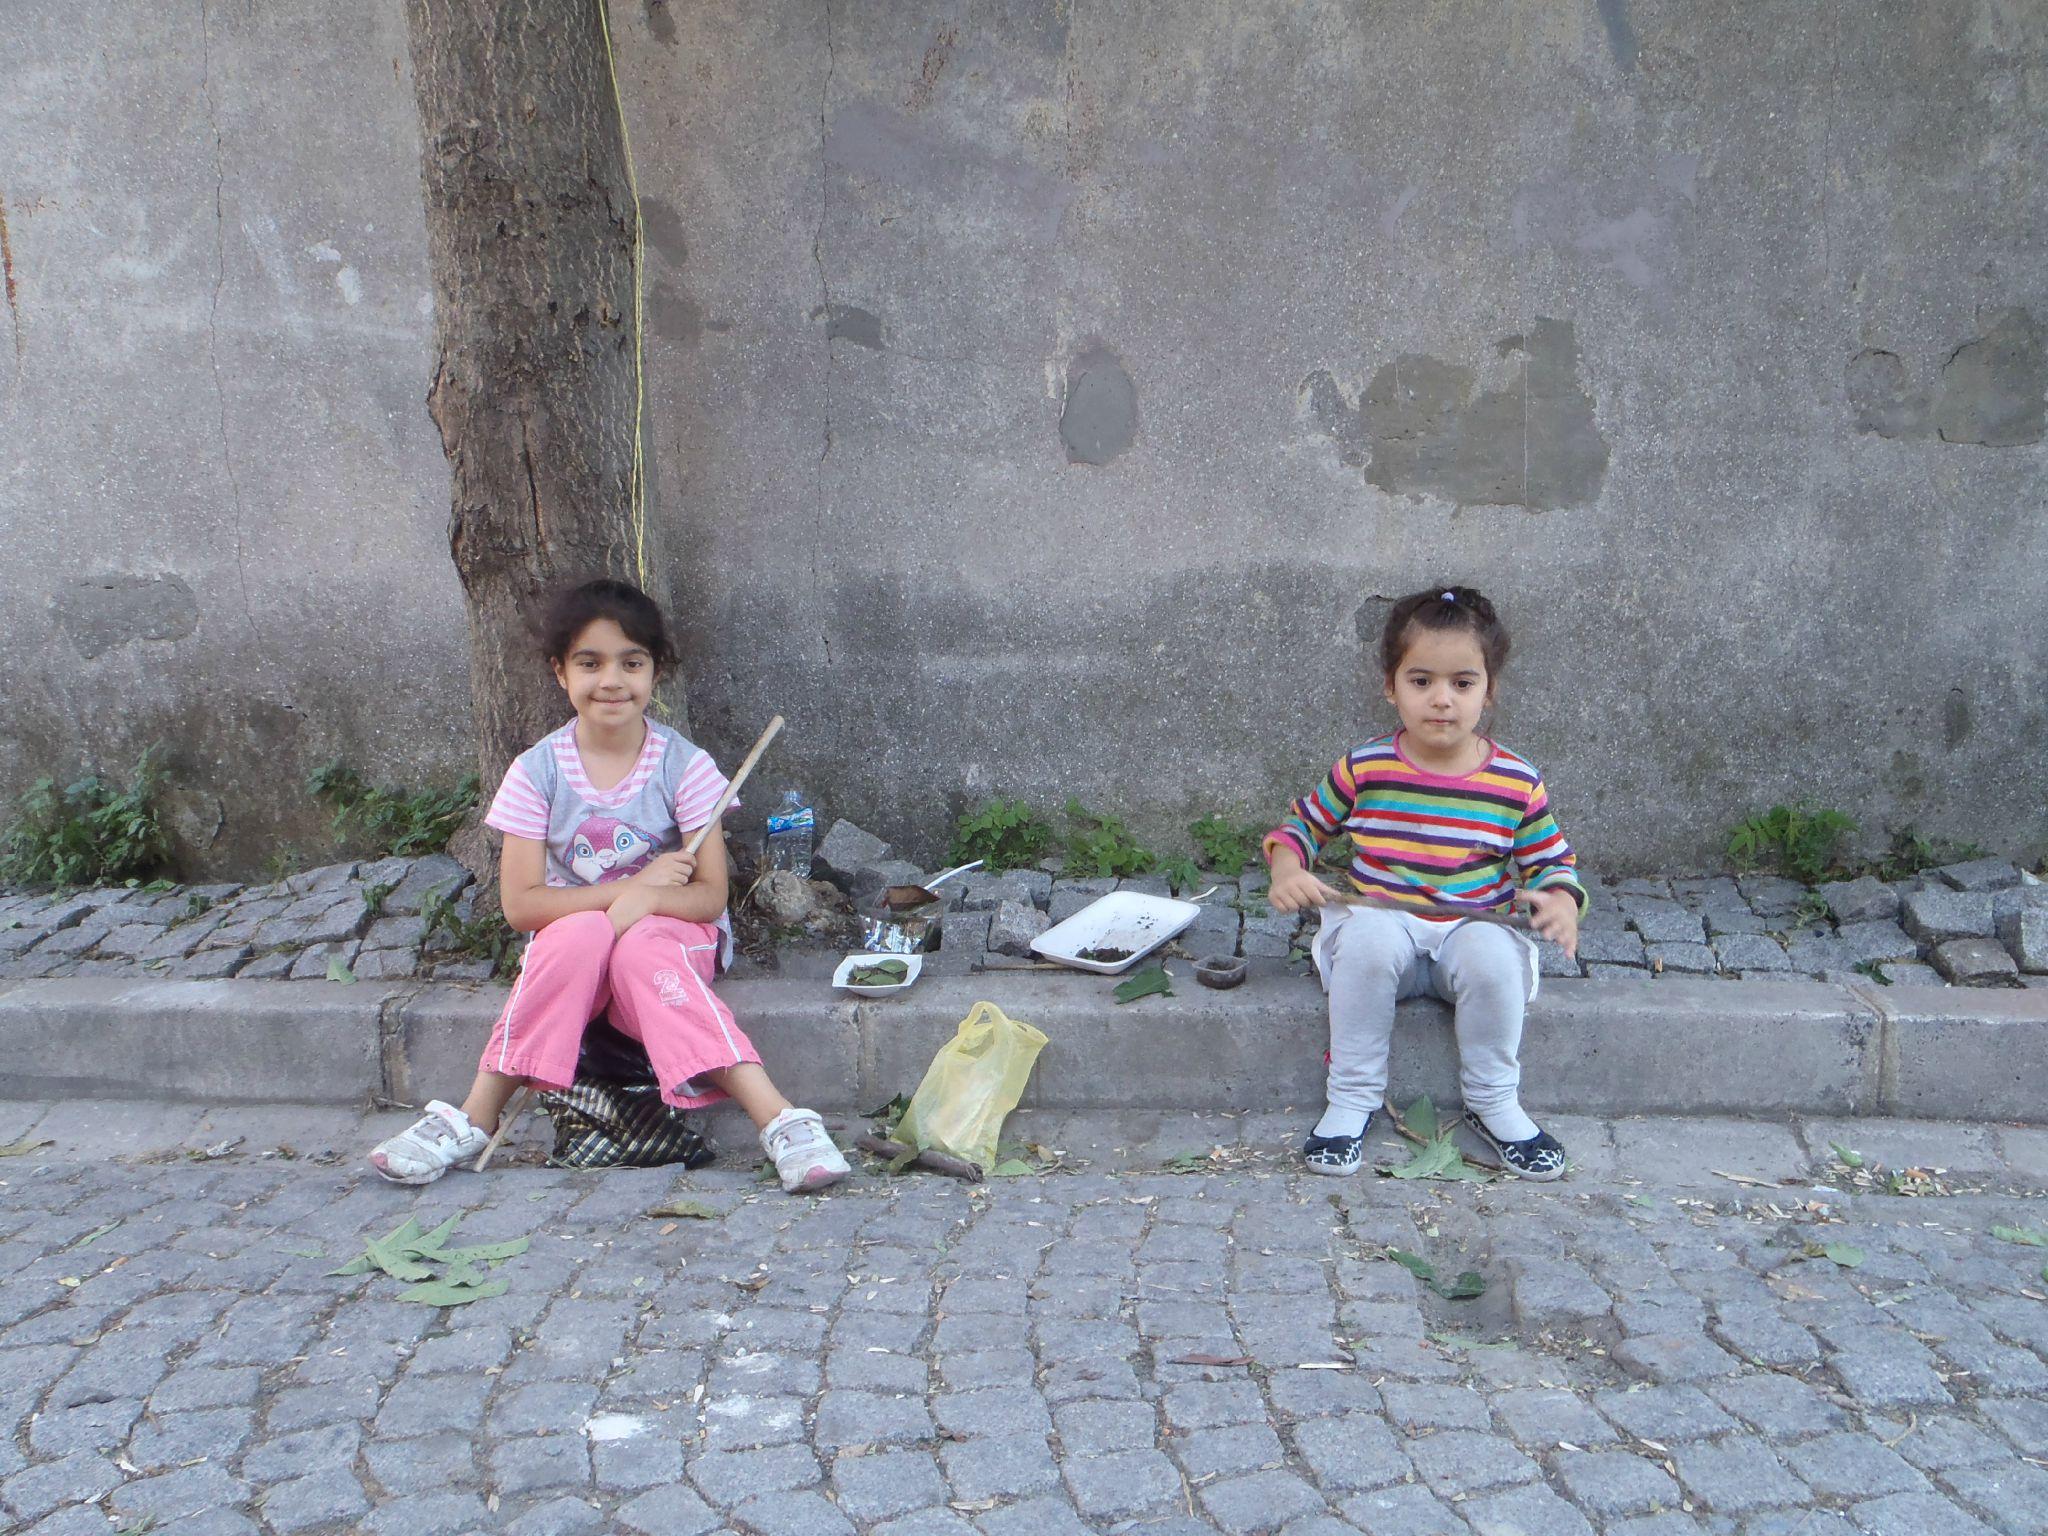 turquie istanbul : ici aussi les petites filles jouent à la dinette